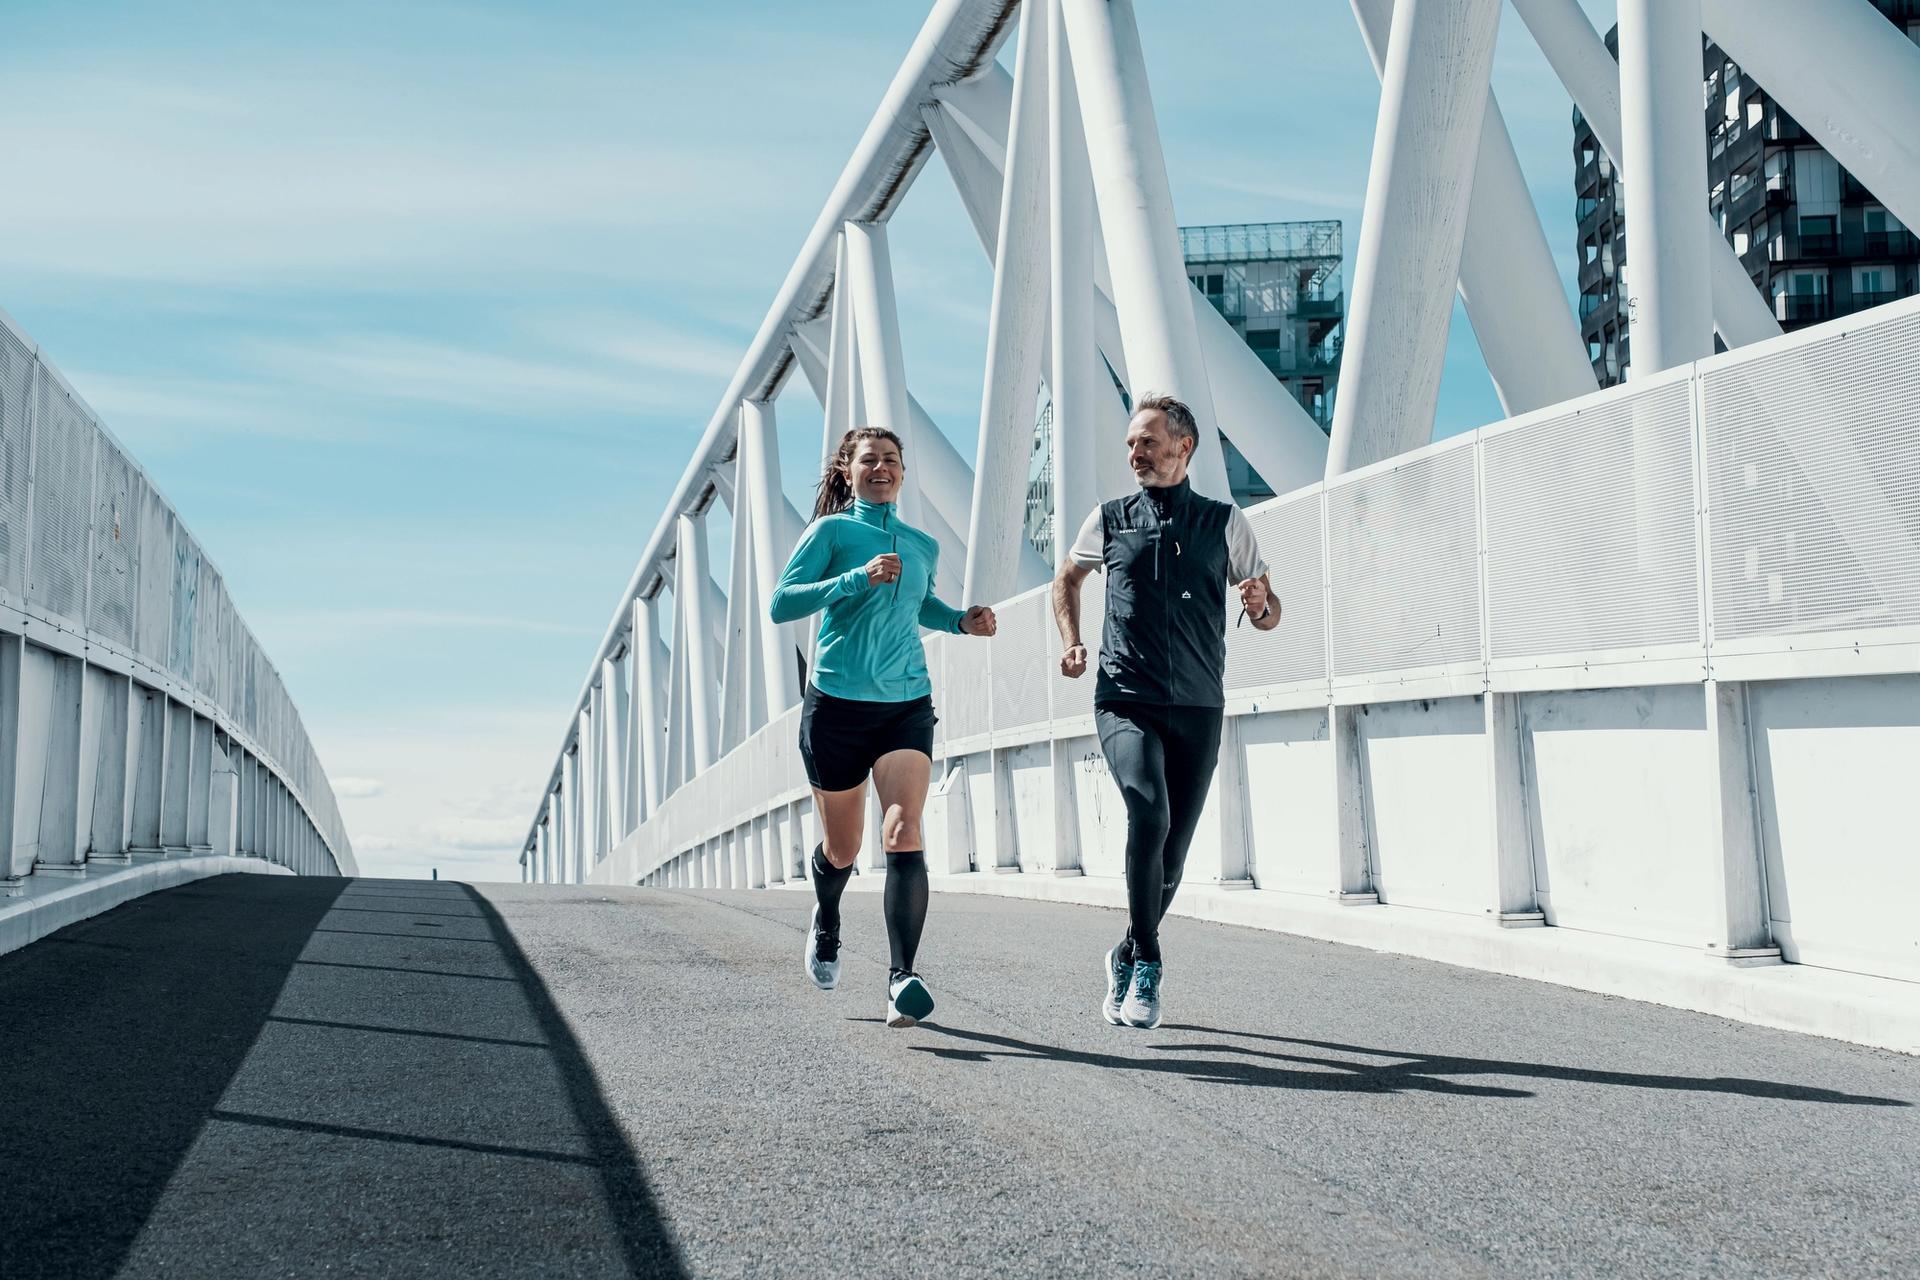 mann og dame løper over bro